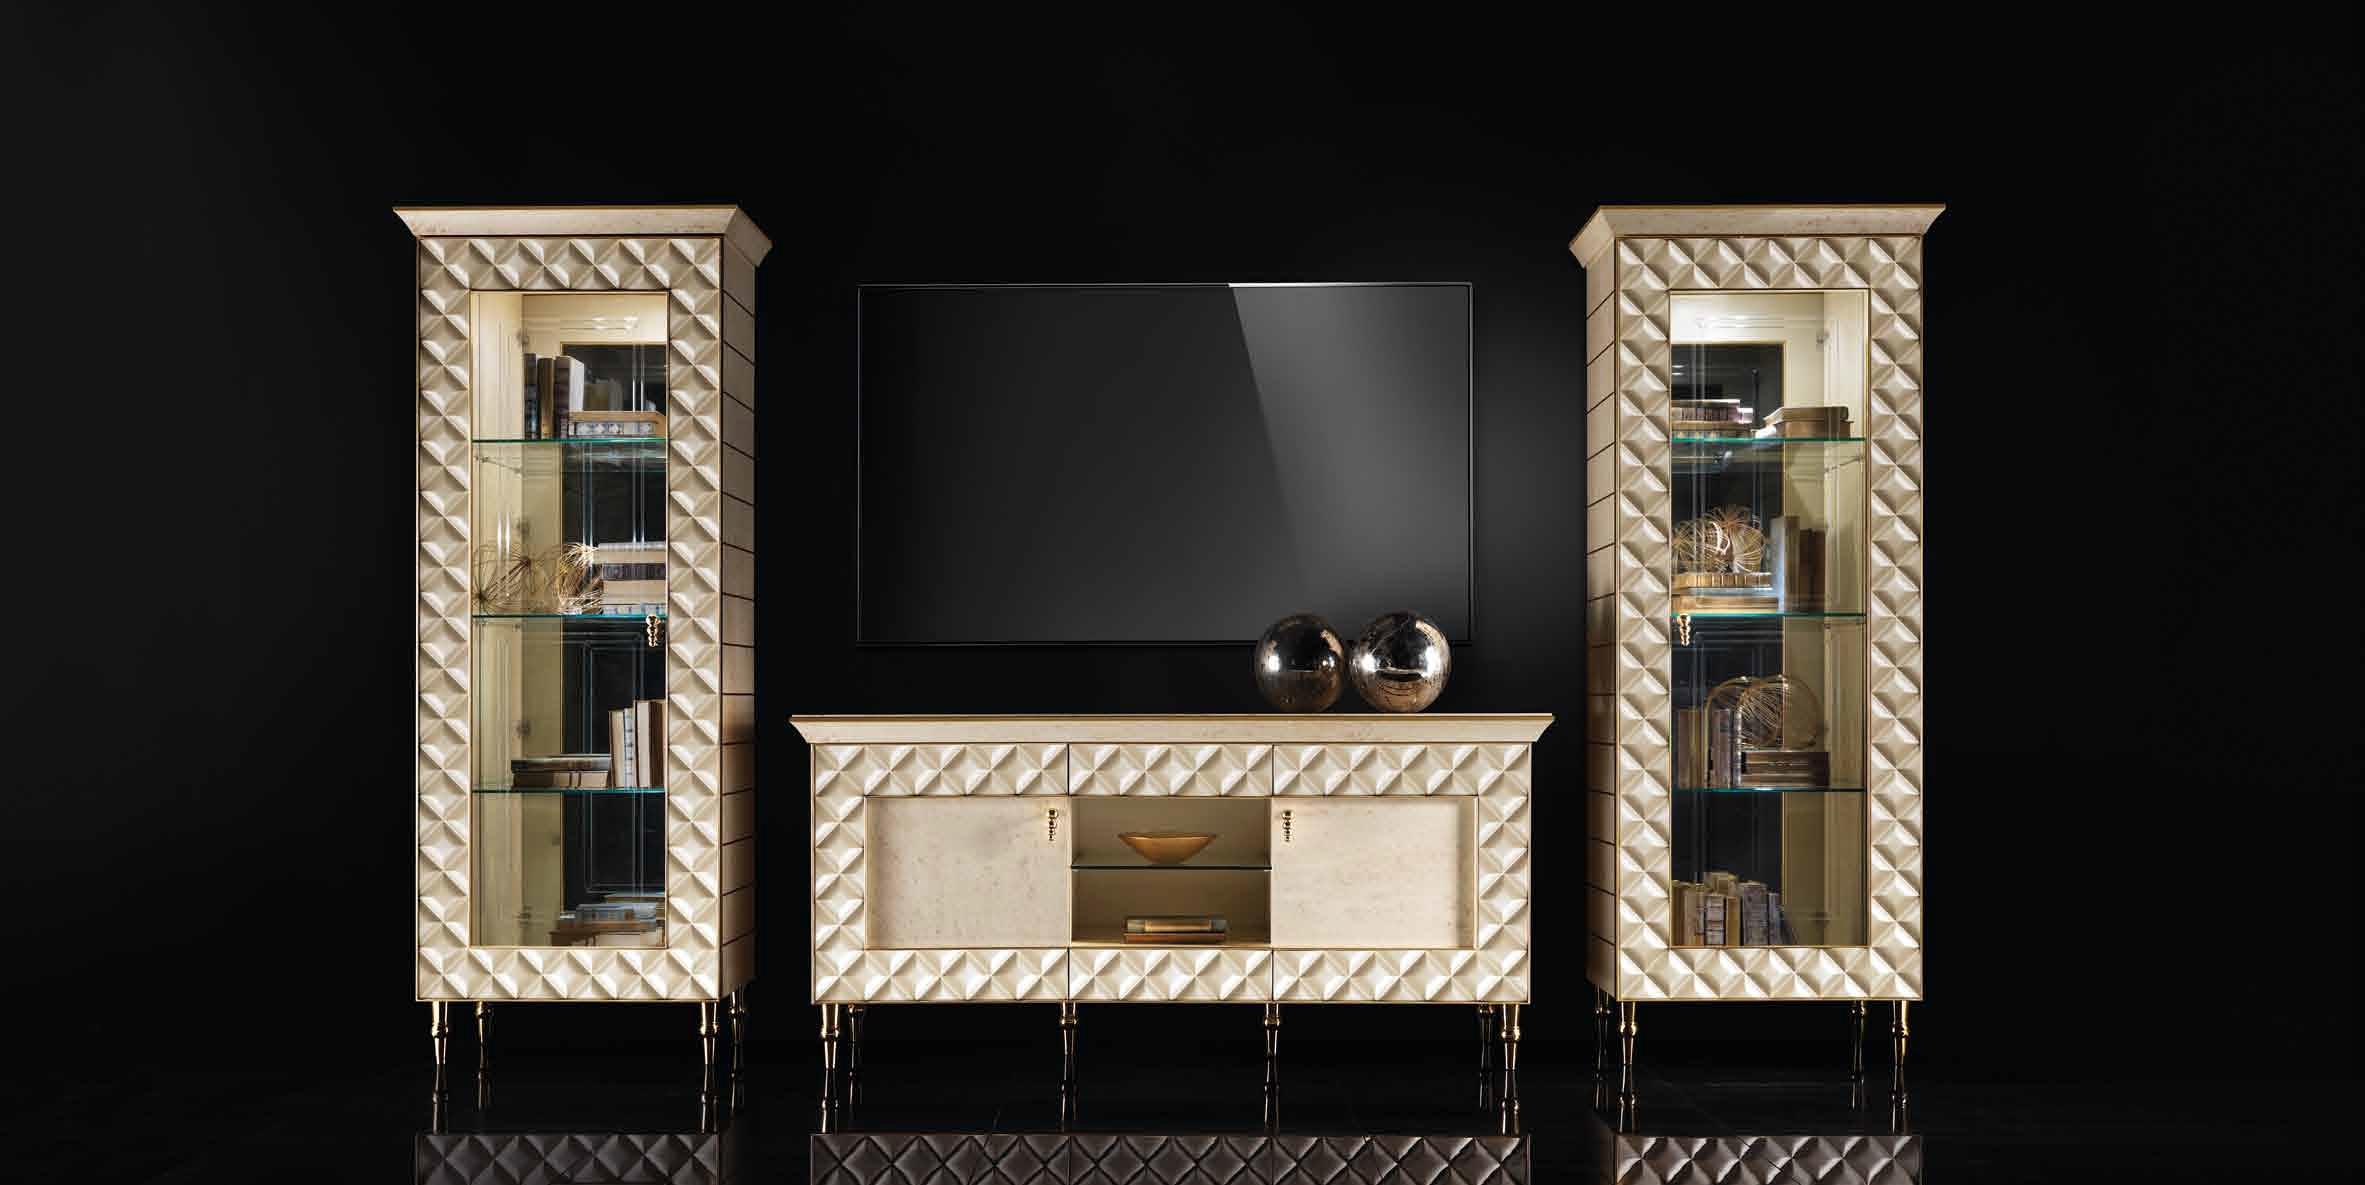 Купить мебель в стиле арт-деко недорого в интернет-магазине